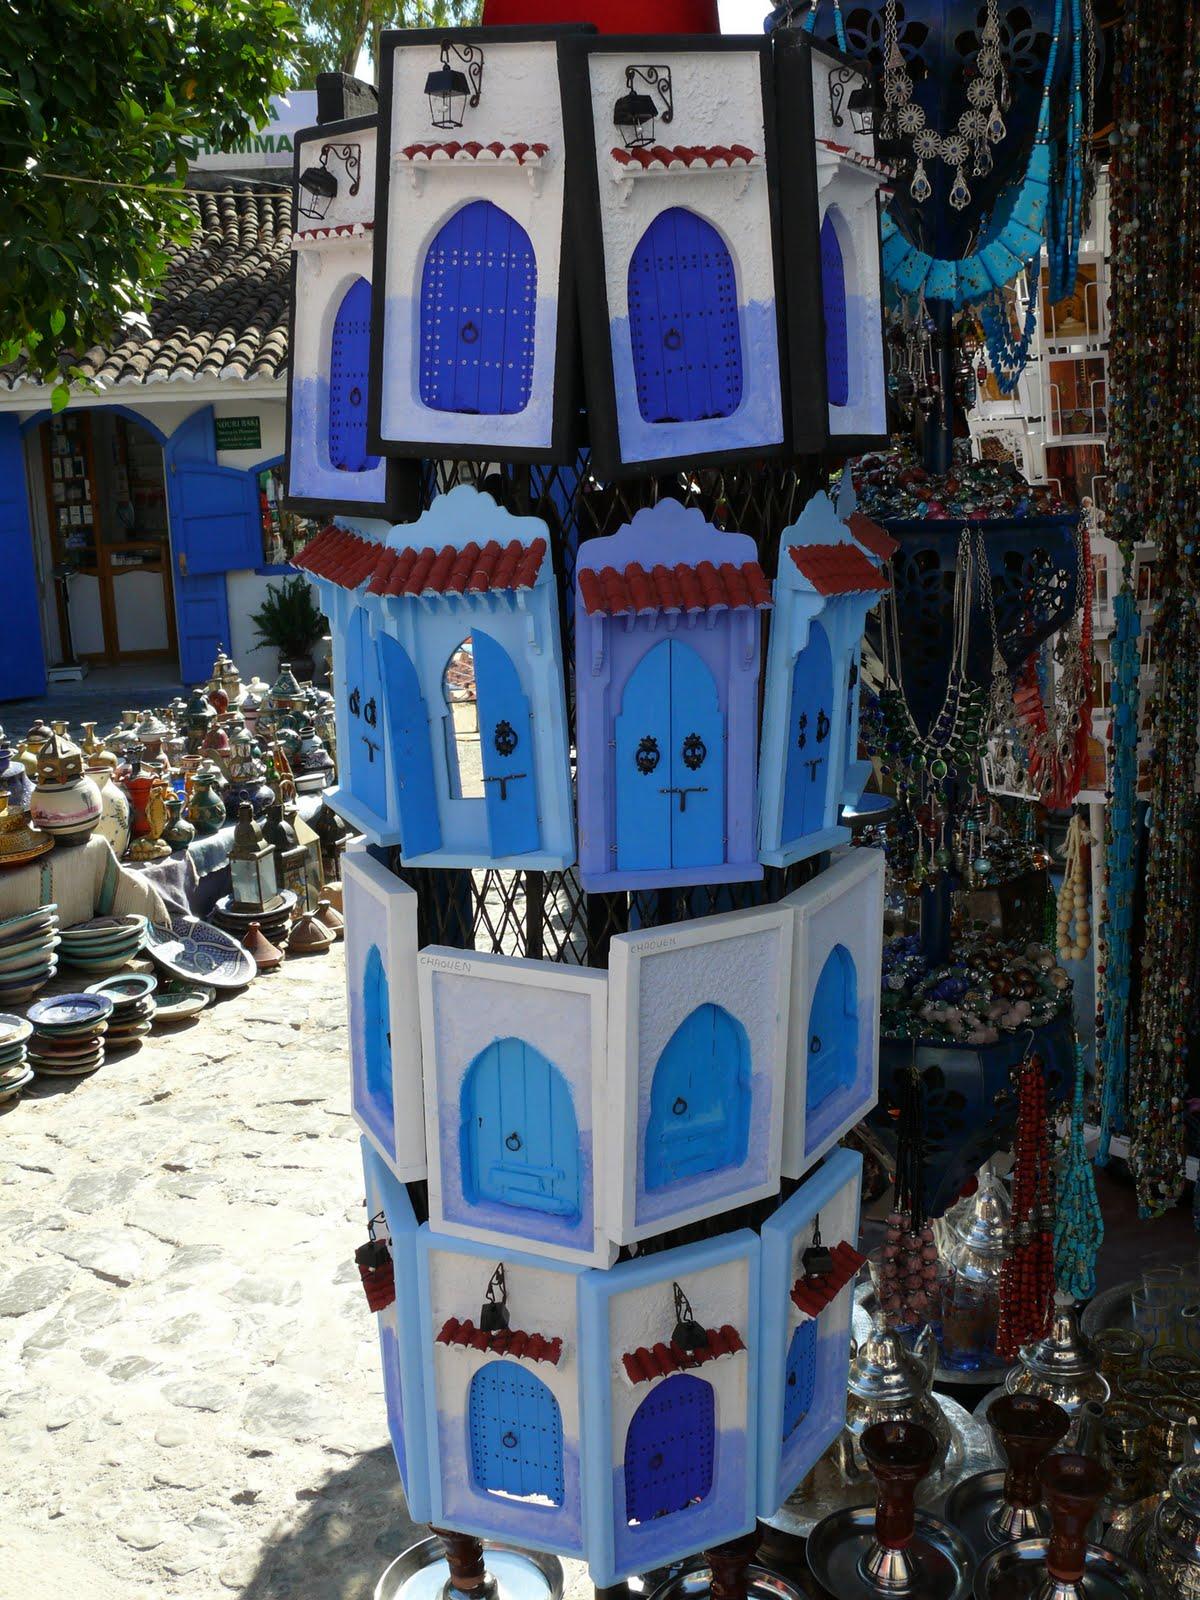 El bazar de la ret rica puertas y ventanas azules de for Bazar la iberica